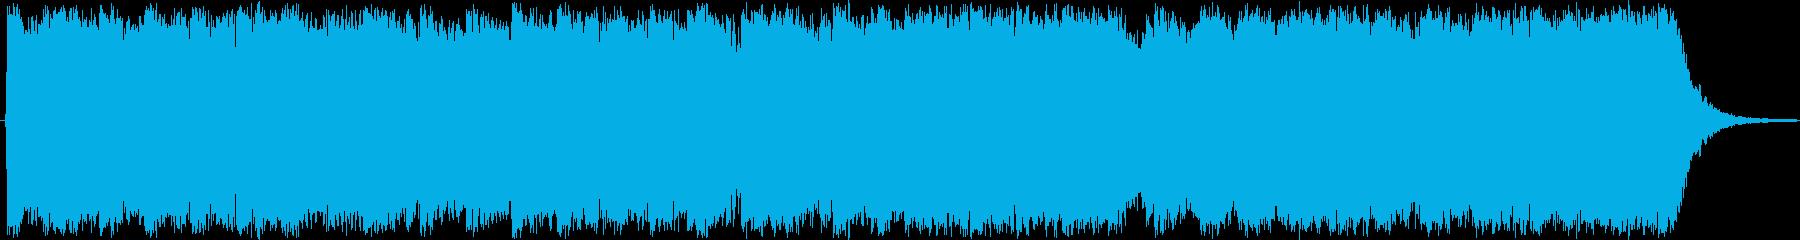 勝利のファンファーレ、ドラマチック...の再生済みの波形